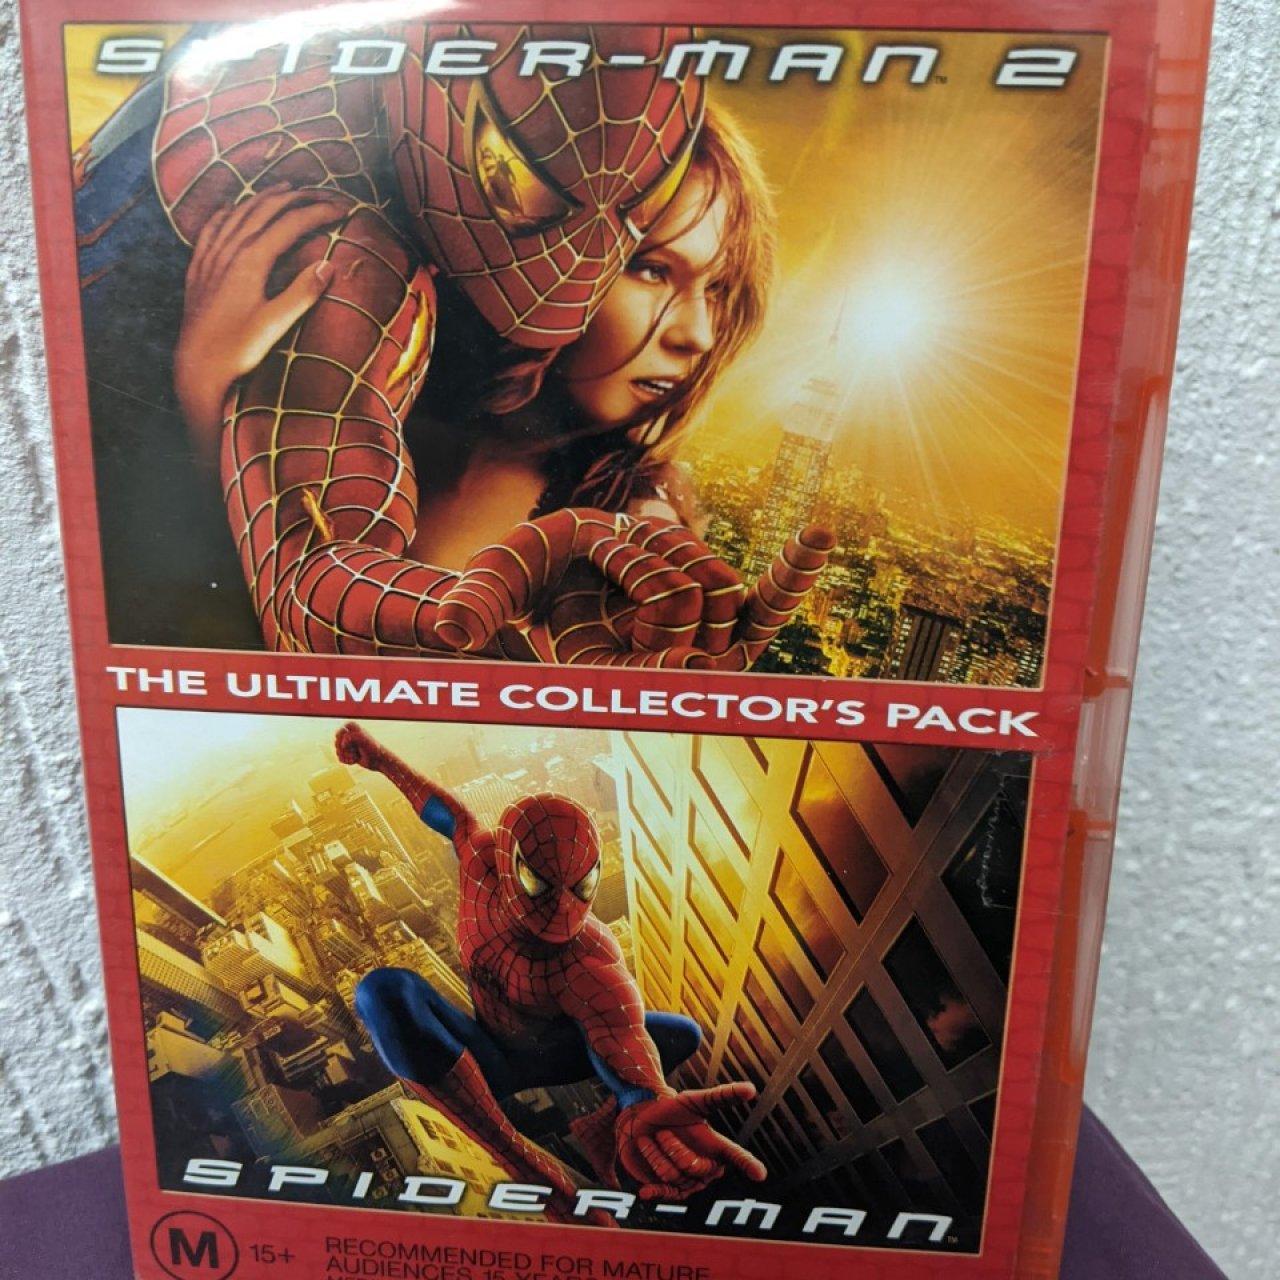 SPIDERMAN & SPIDERMAN 2 DVD